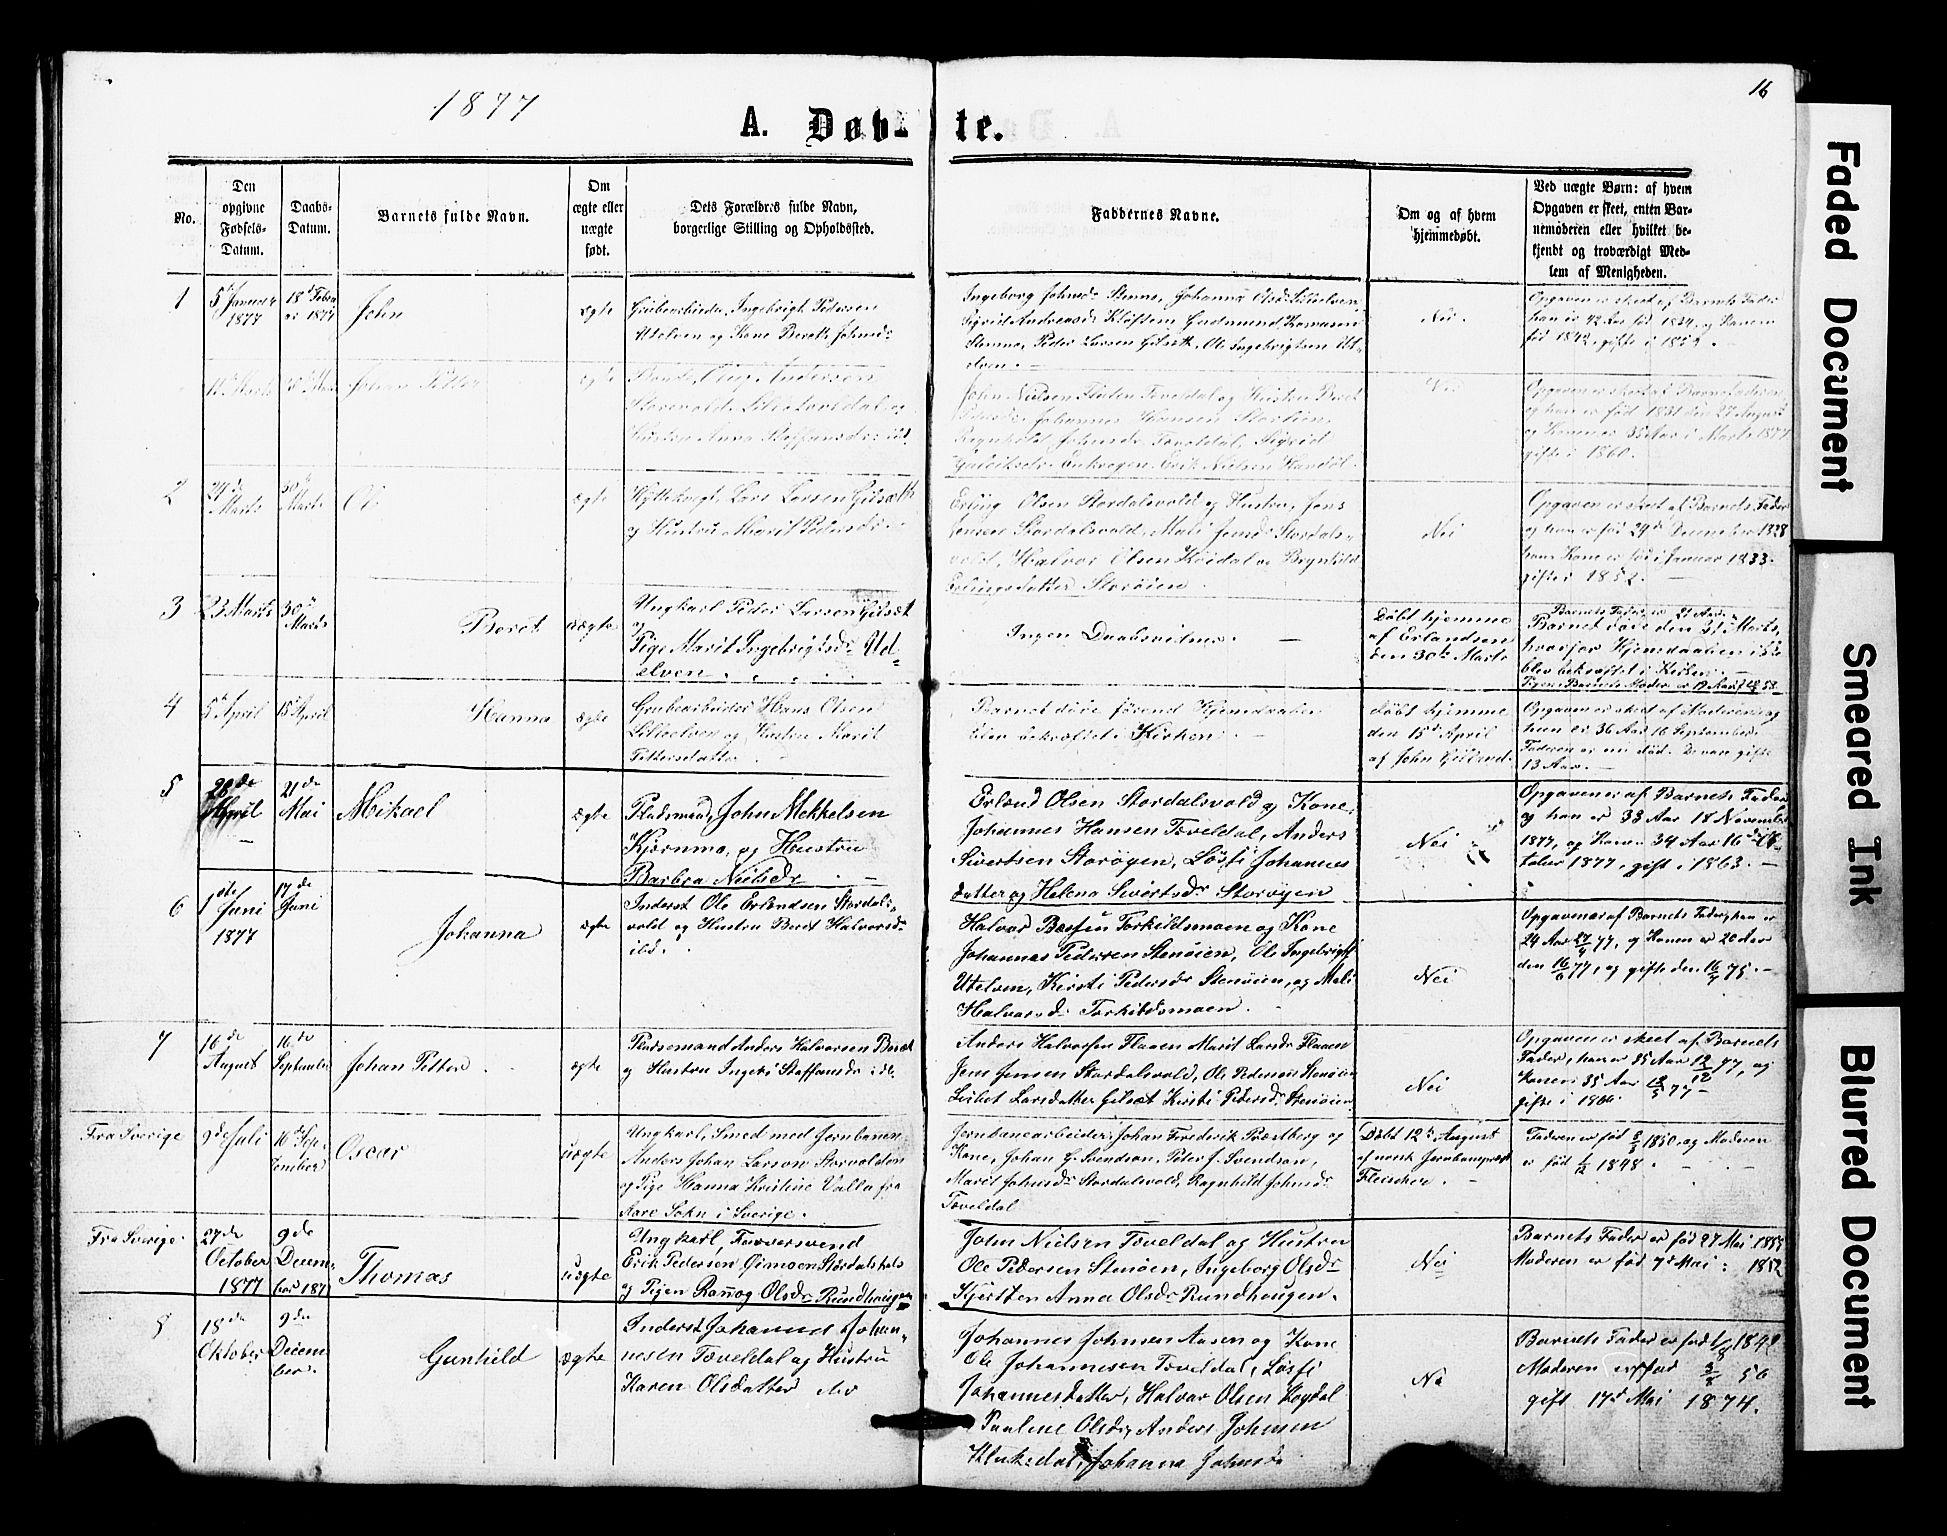 SAT, Ministerialprotokoller, klokkerbøker og fødselsregistre - Nord-Trøndelag, 707/L0052: Klokkerbok nr. 707C01, 1864-1897, s. 16